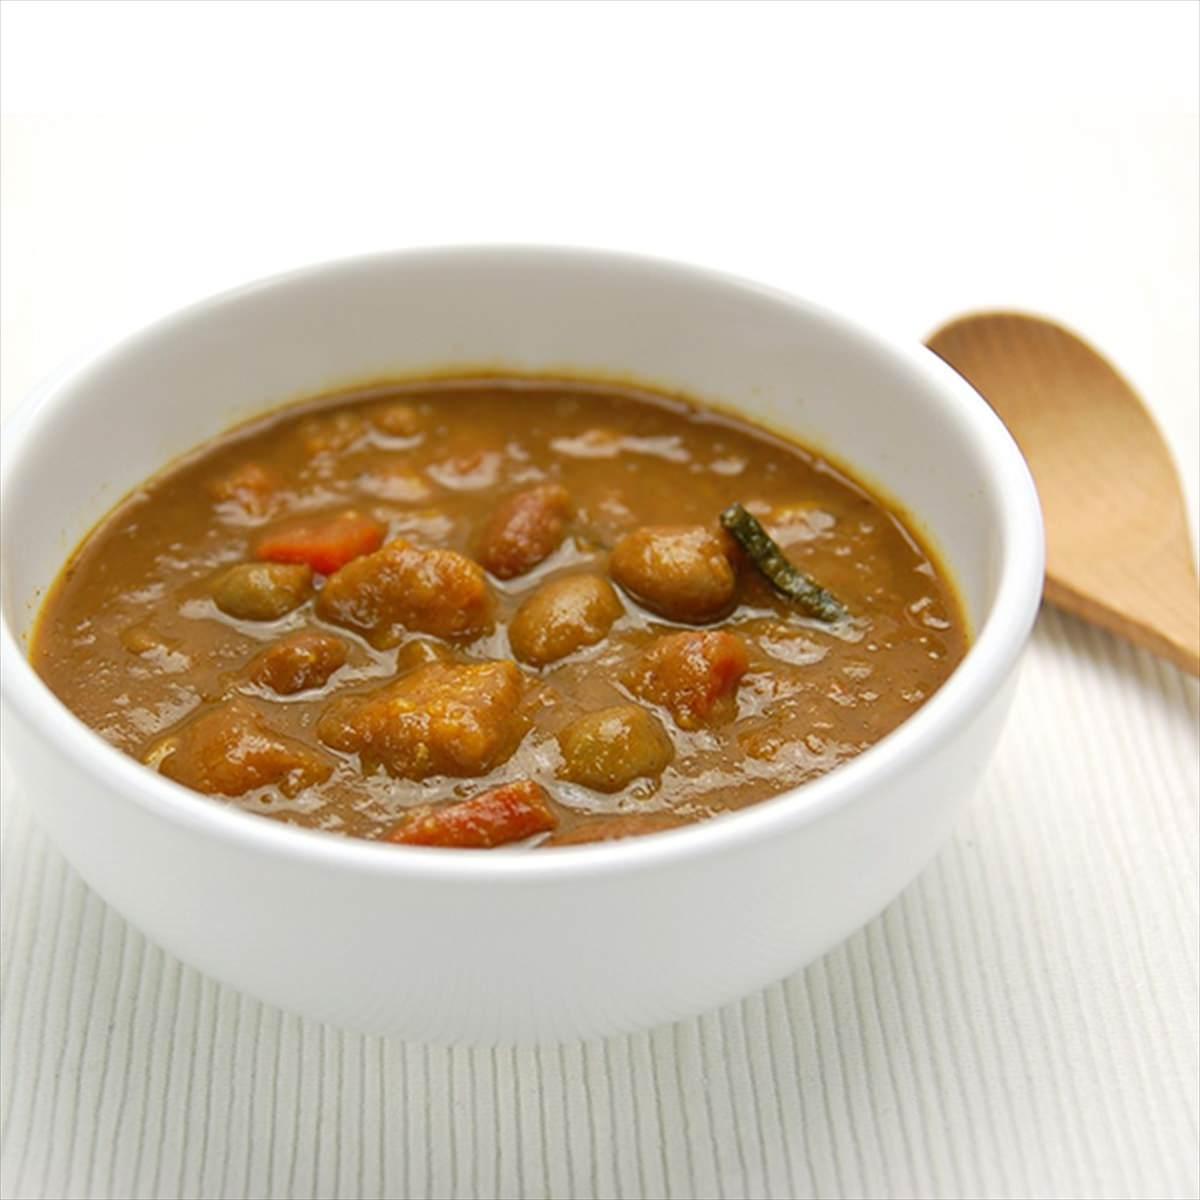 ケース 豆カレー 3種のお豆がお口の中でホクホク 40個 〔200g×40〕 東京都 無添加 レトルトカレー チャヤ マクロビオティックス